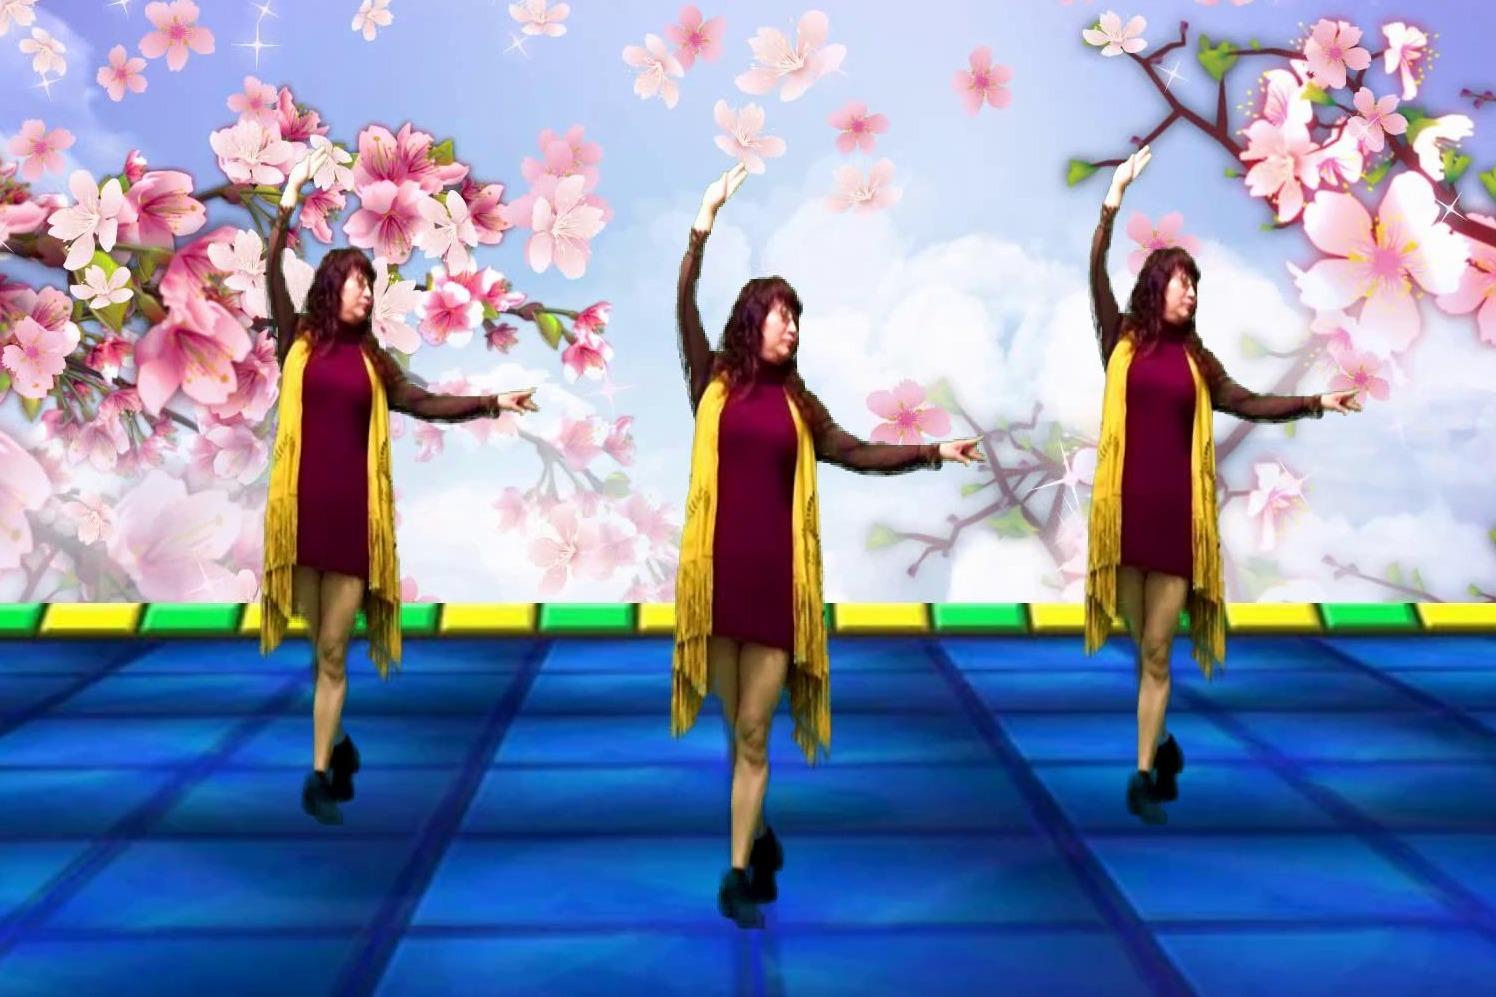 经典老歌广场舞《独角戏》,优雅流畅三步华尔兹,经典旋律真好听